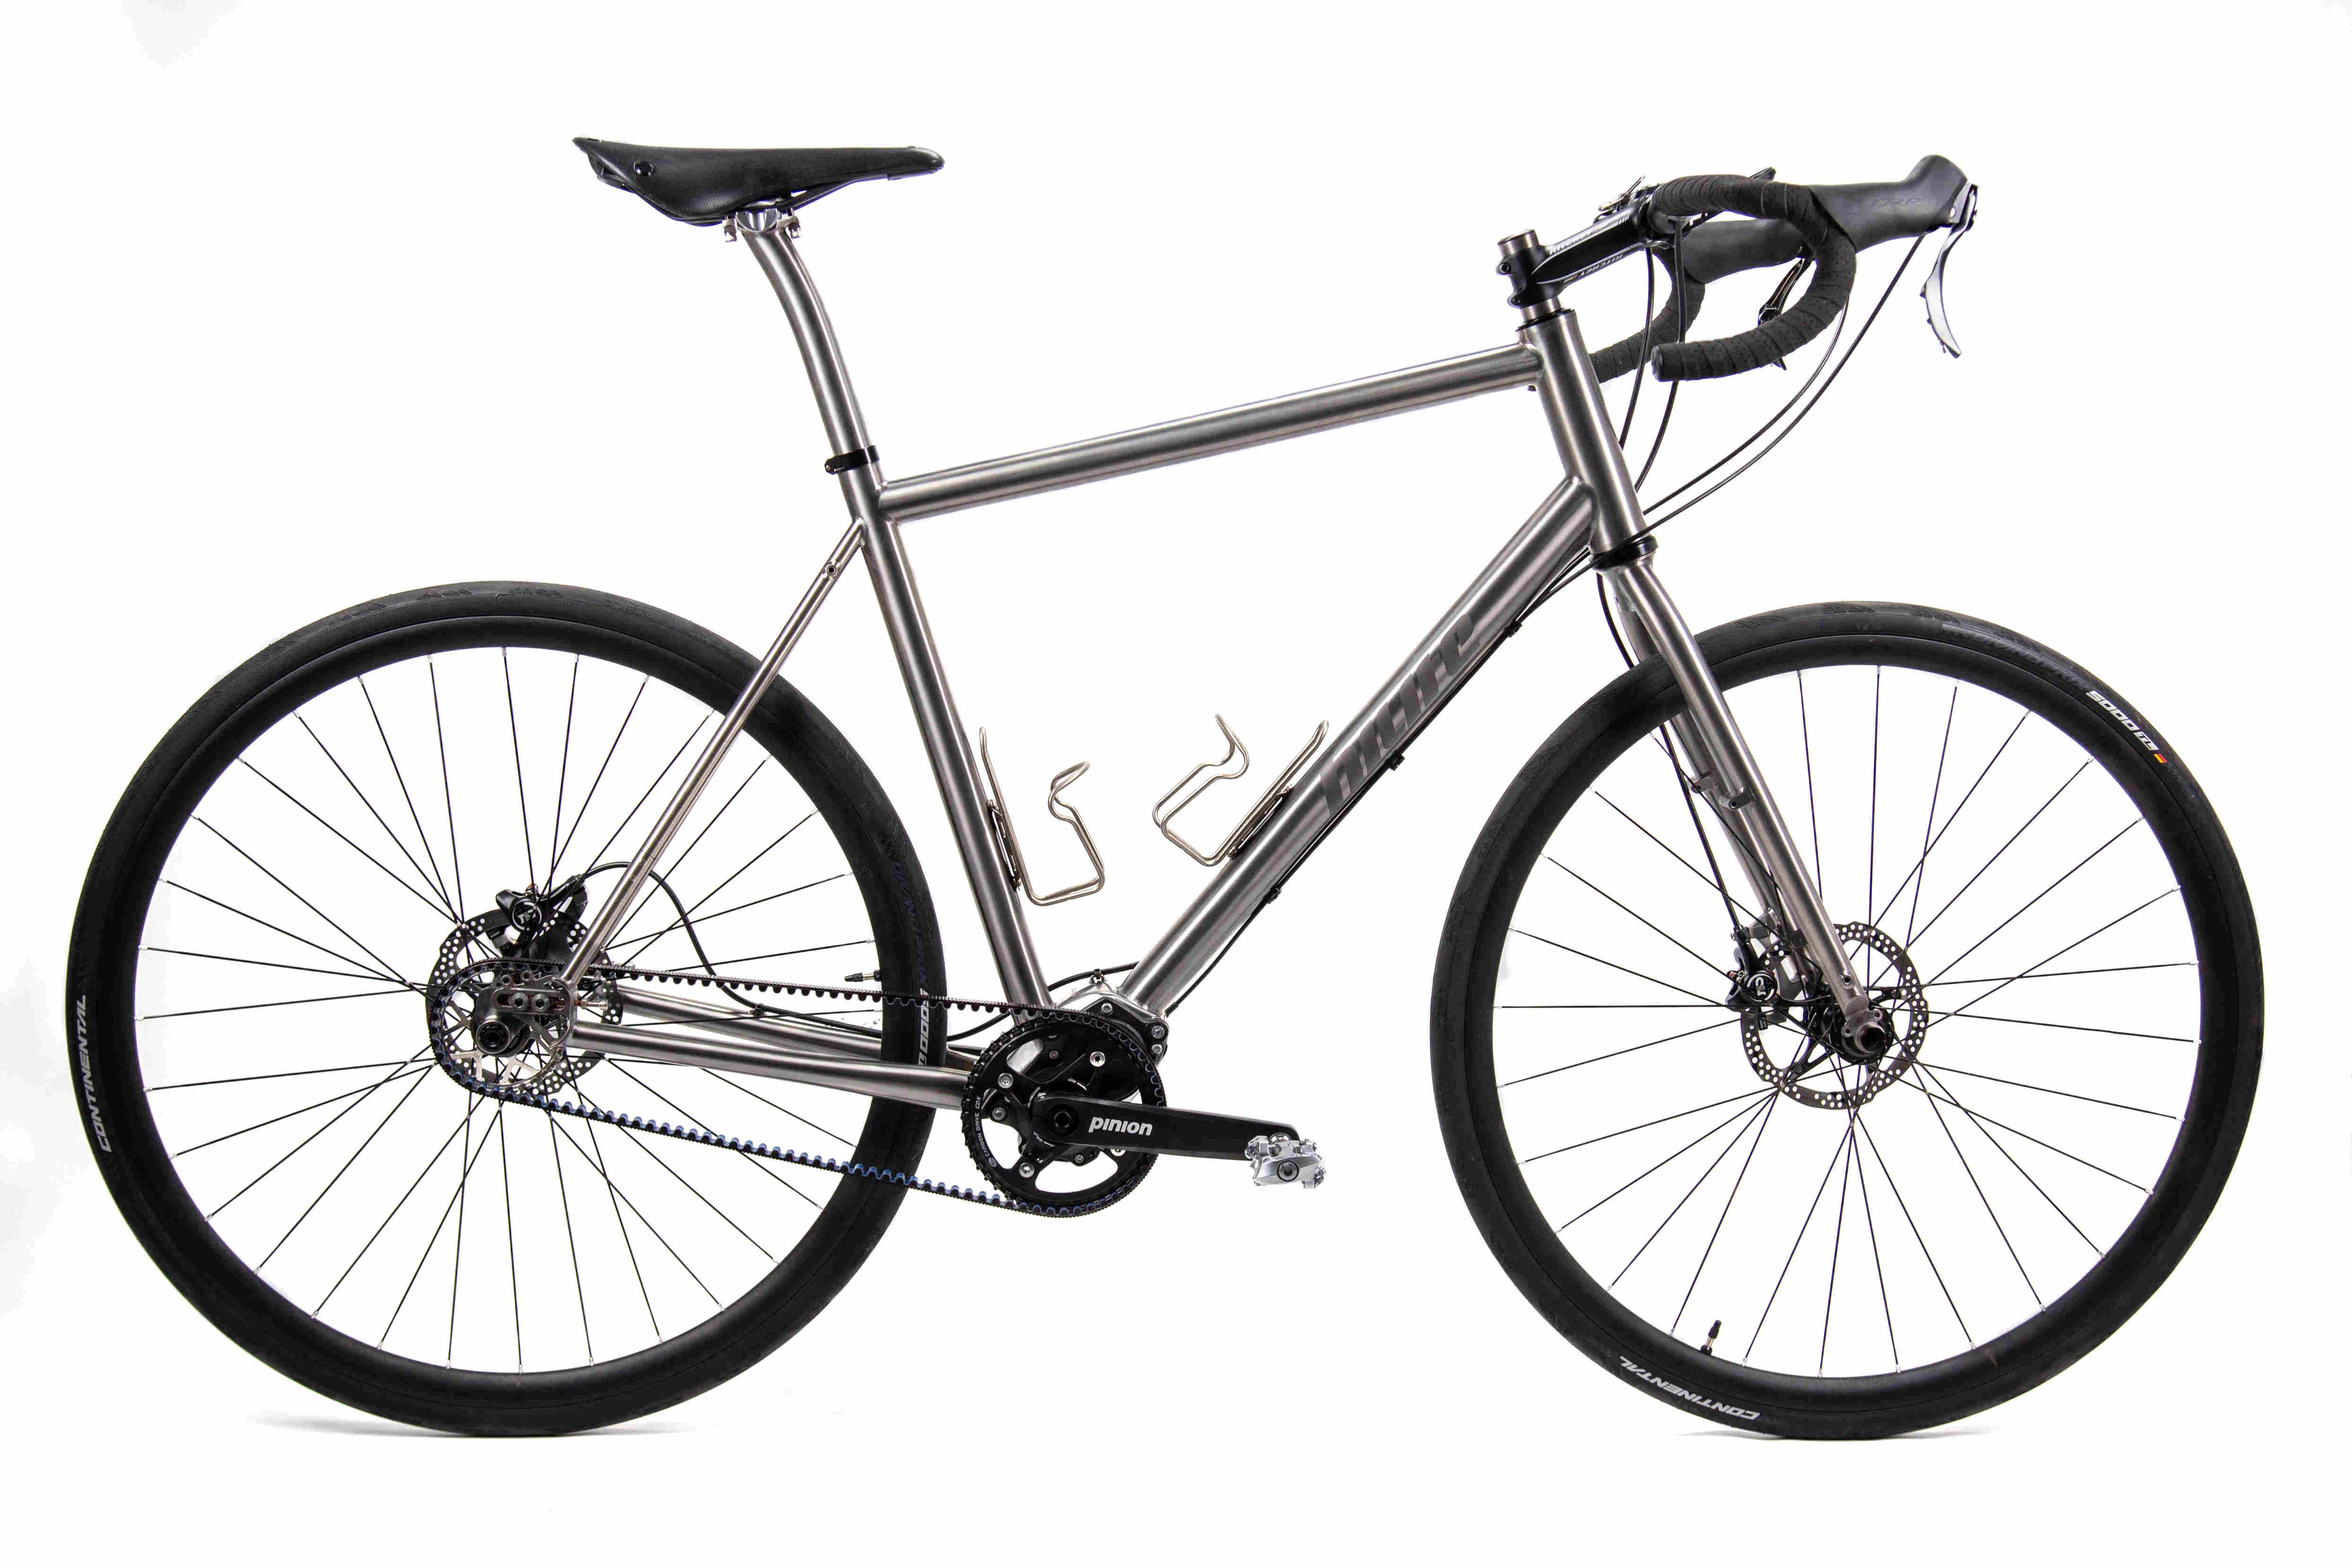 01_Pinion_Gravel_Race_Bike.jpg